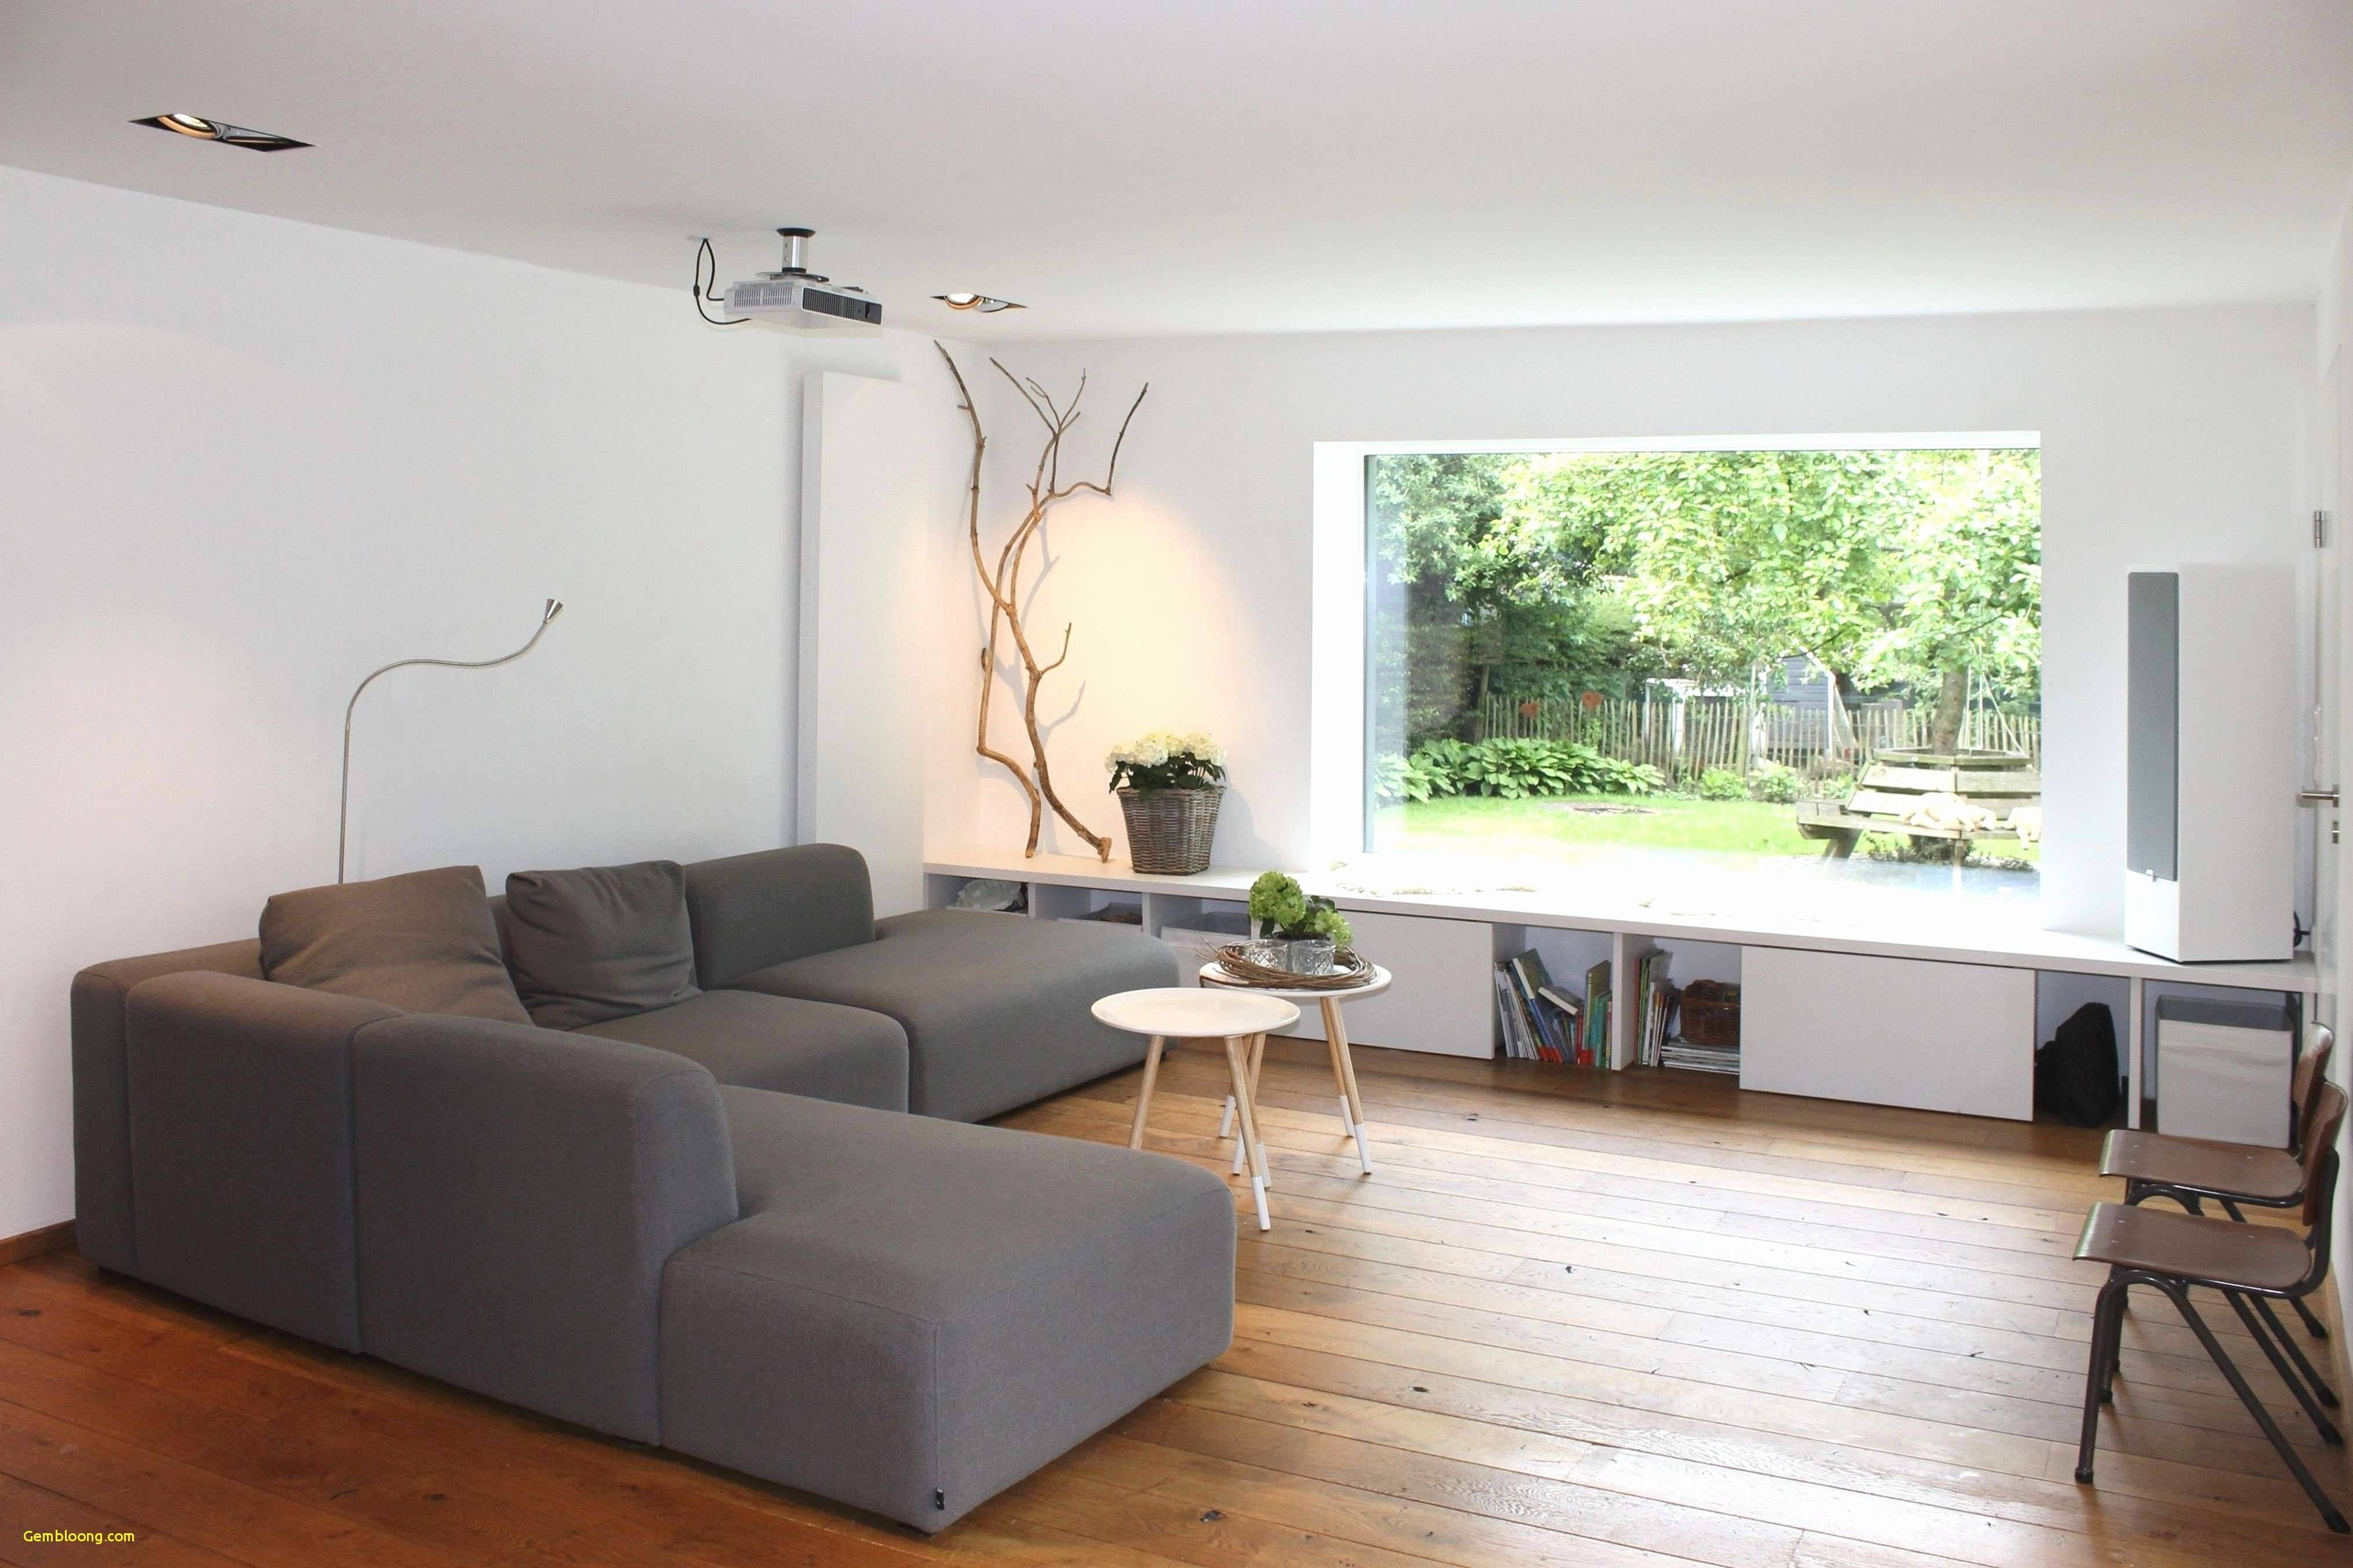 New Wohnzimmer Ideen Reihenhaus Ideas  Small living room, Living